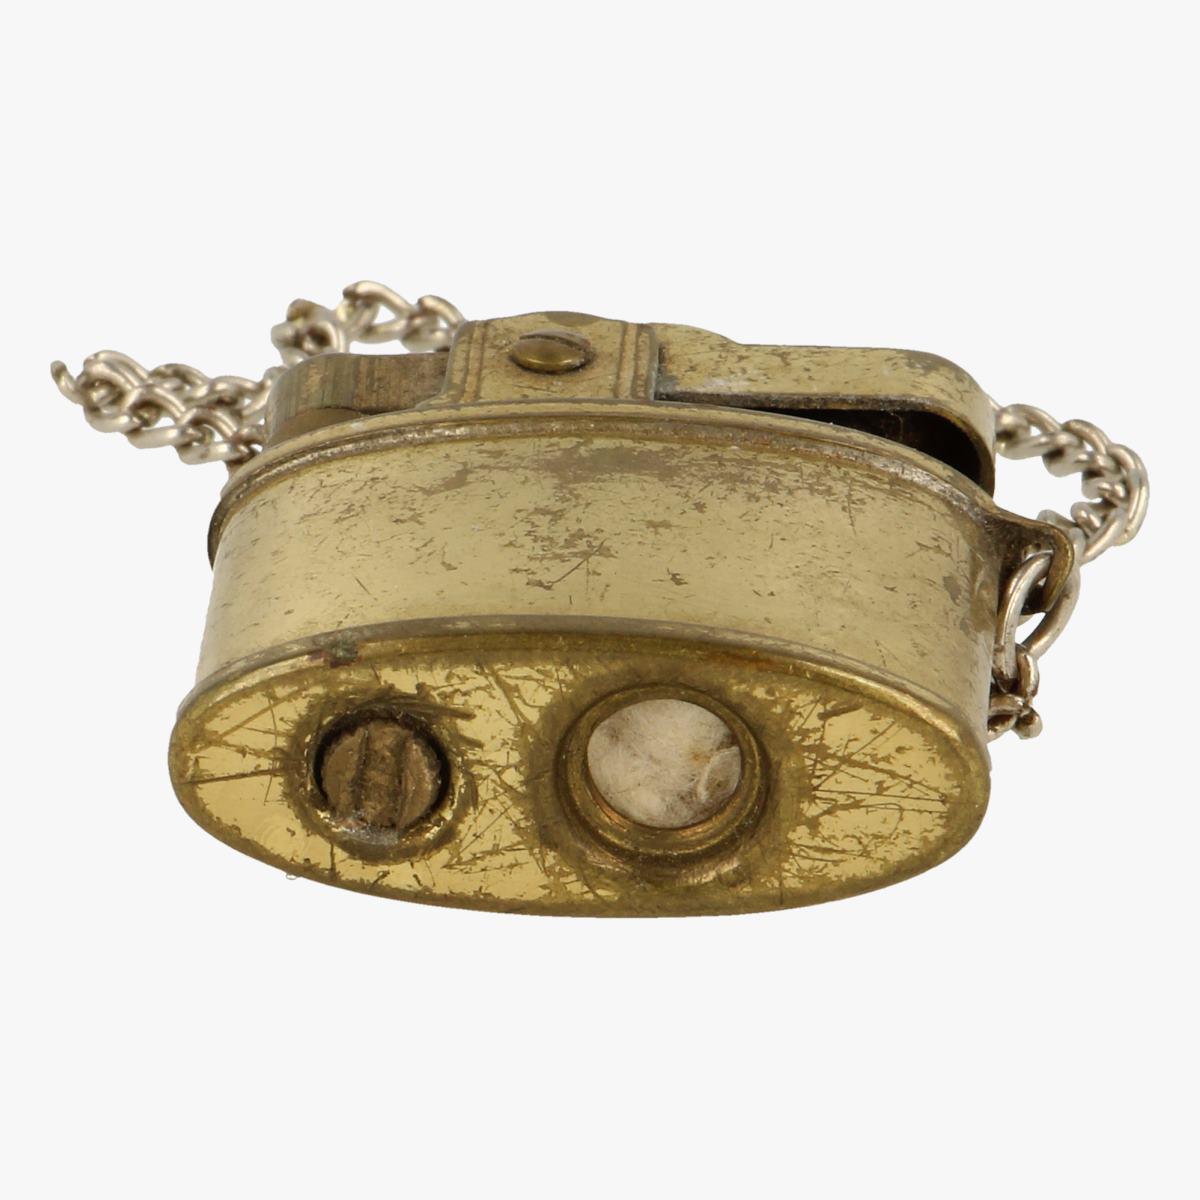 Afbeeldingen van oude aansteker aan ketting